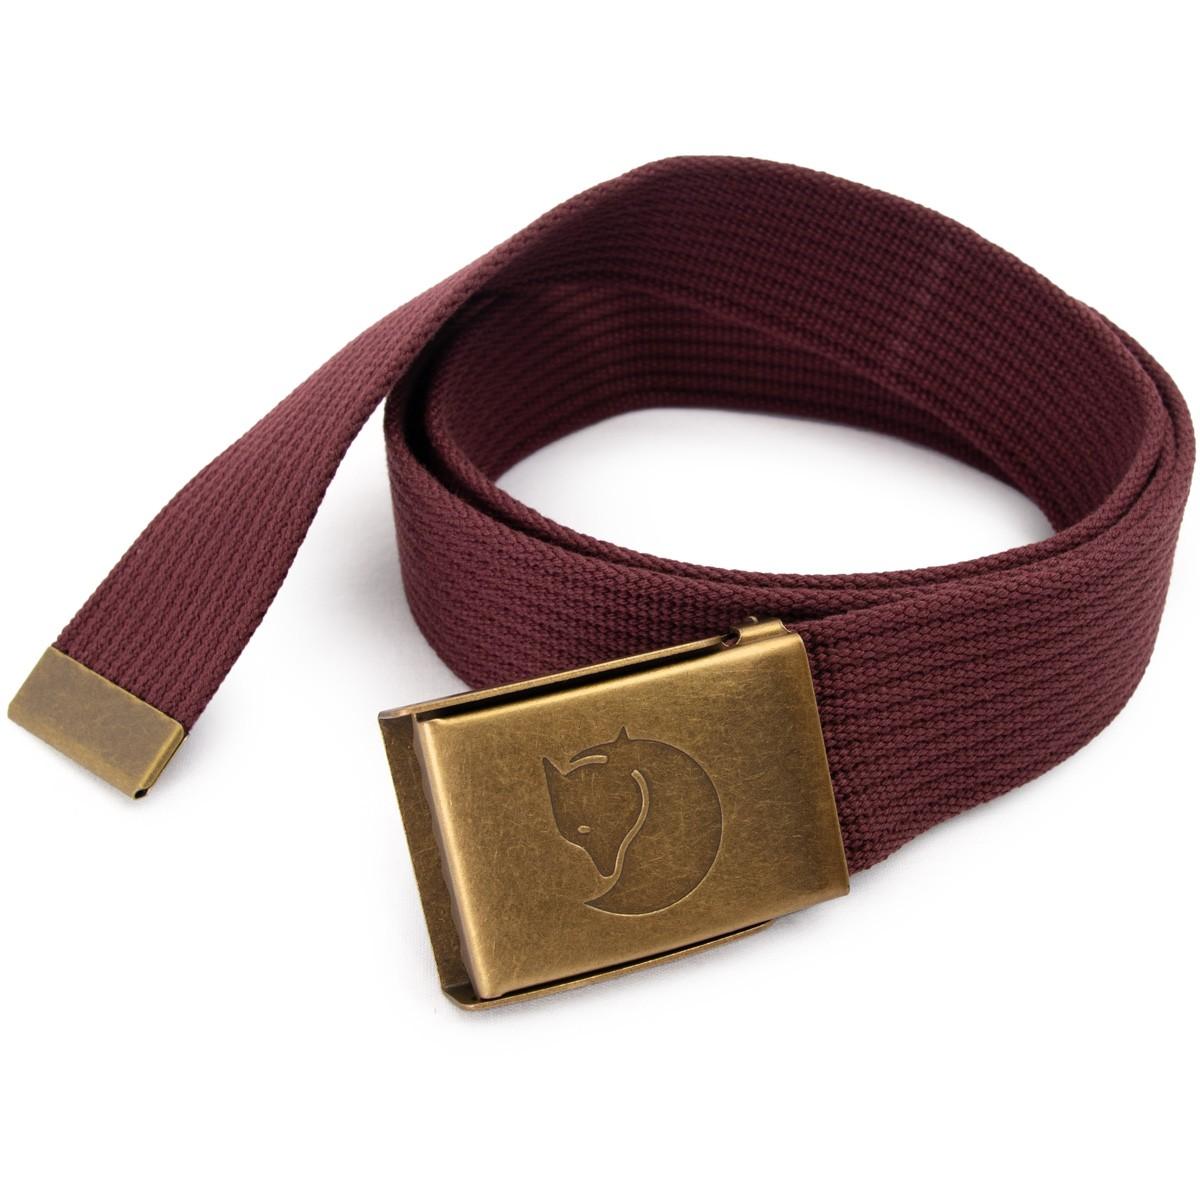 FJALL RAVEN フェールラーベン Canvas Brass Belt 4cm キャンバス ブラス ベルト